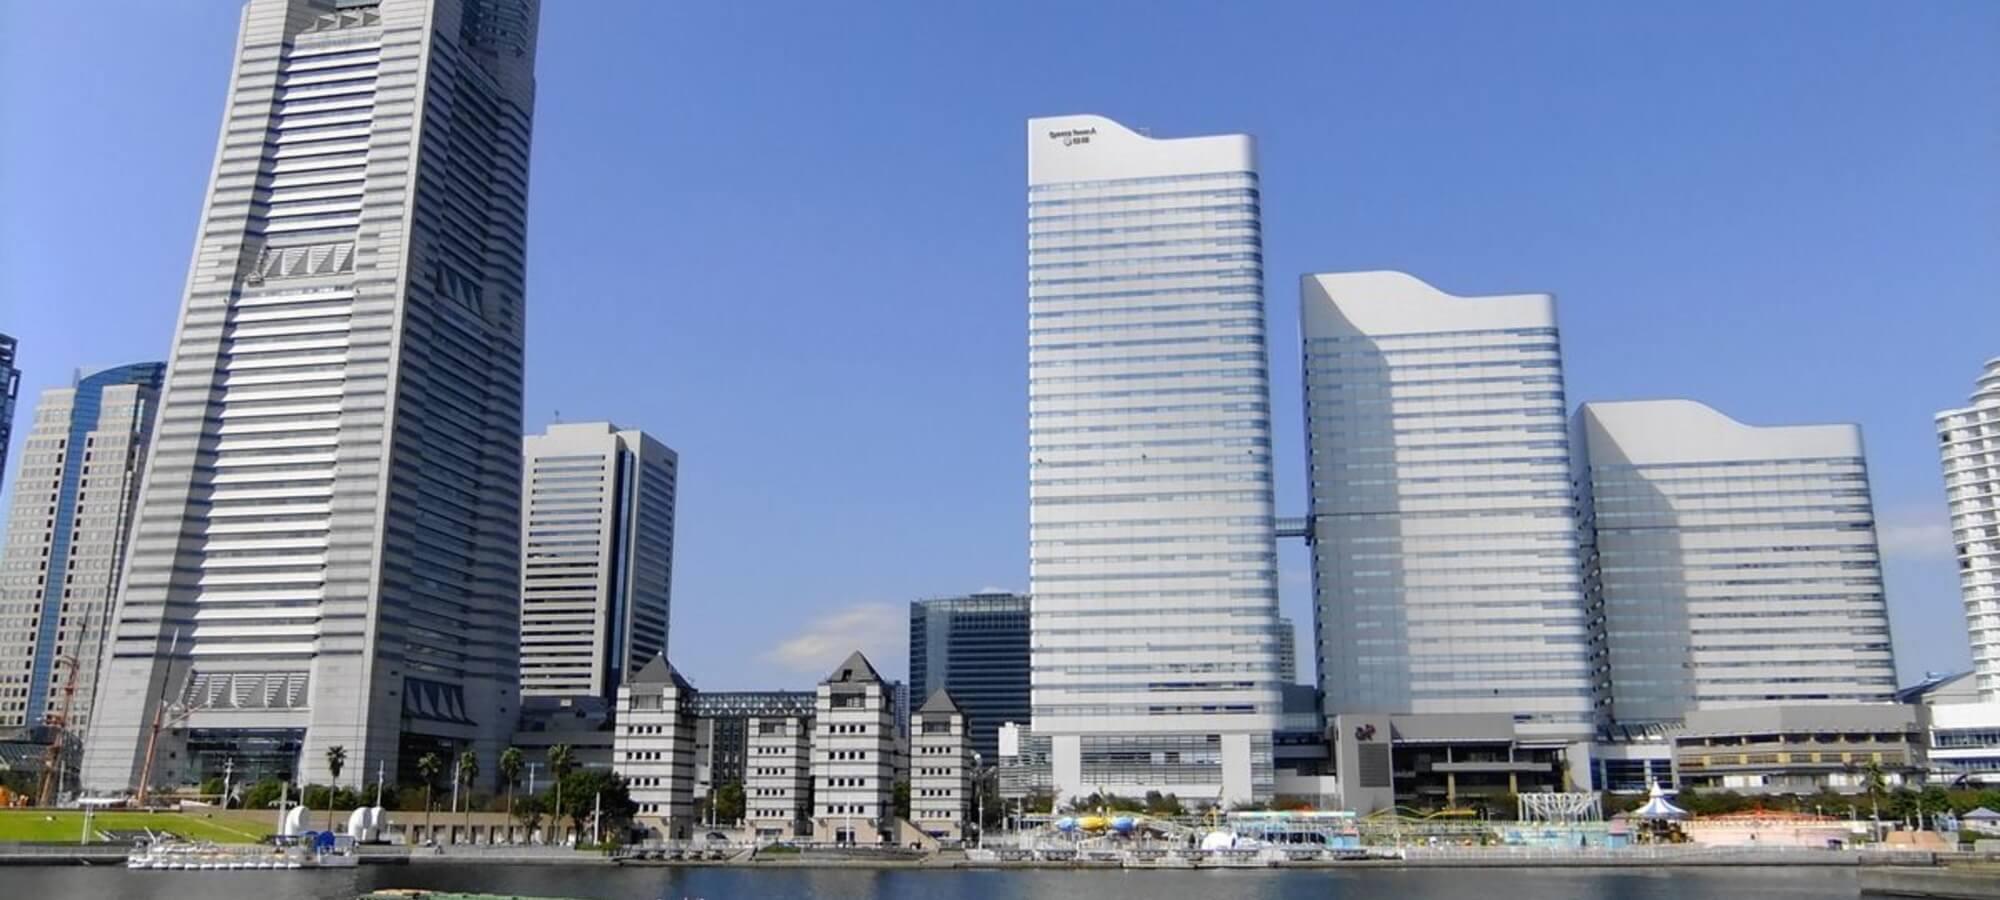 システム開発ならハニカムウエア|横浜のシステム会社